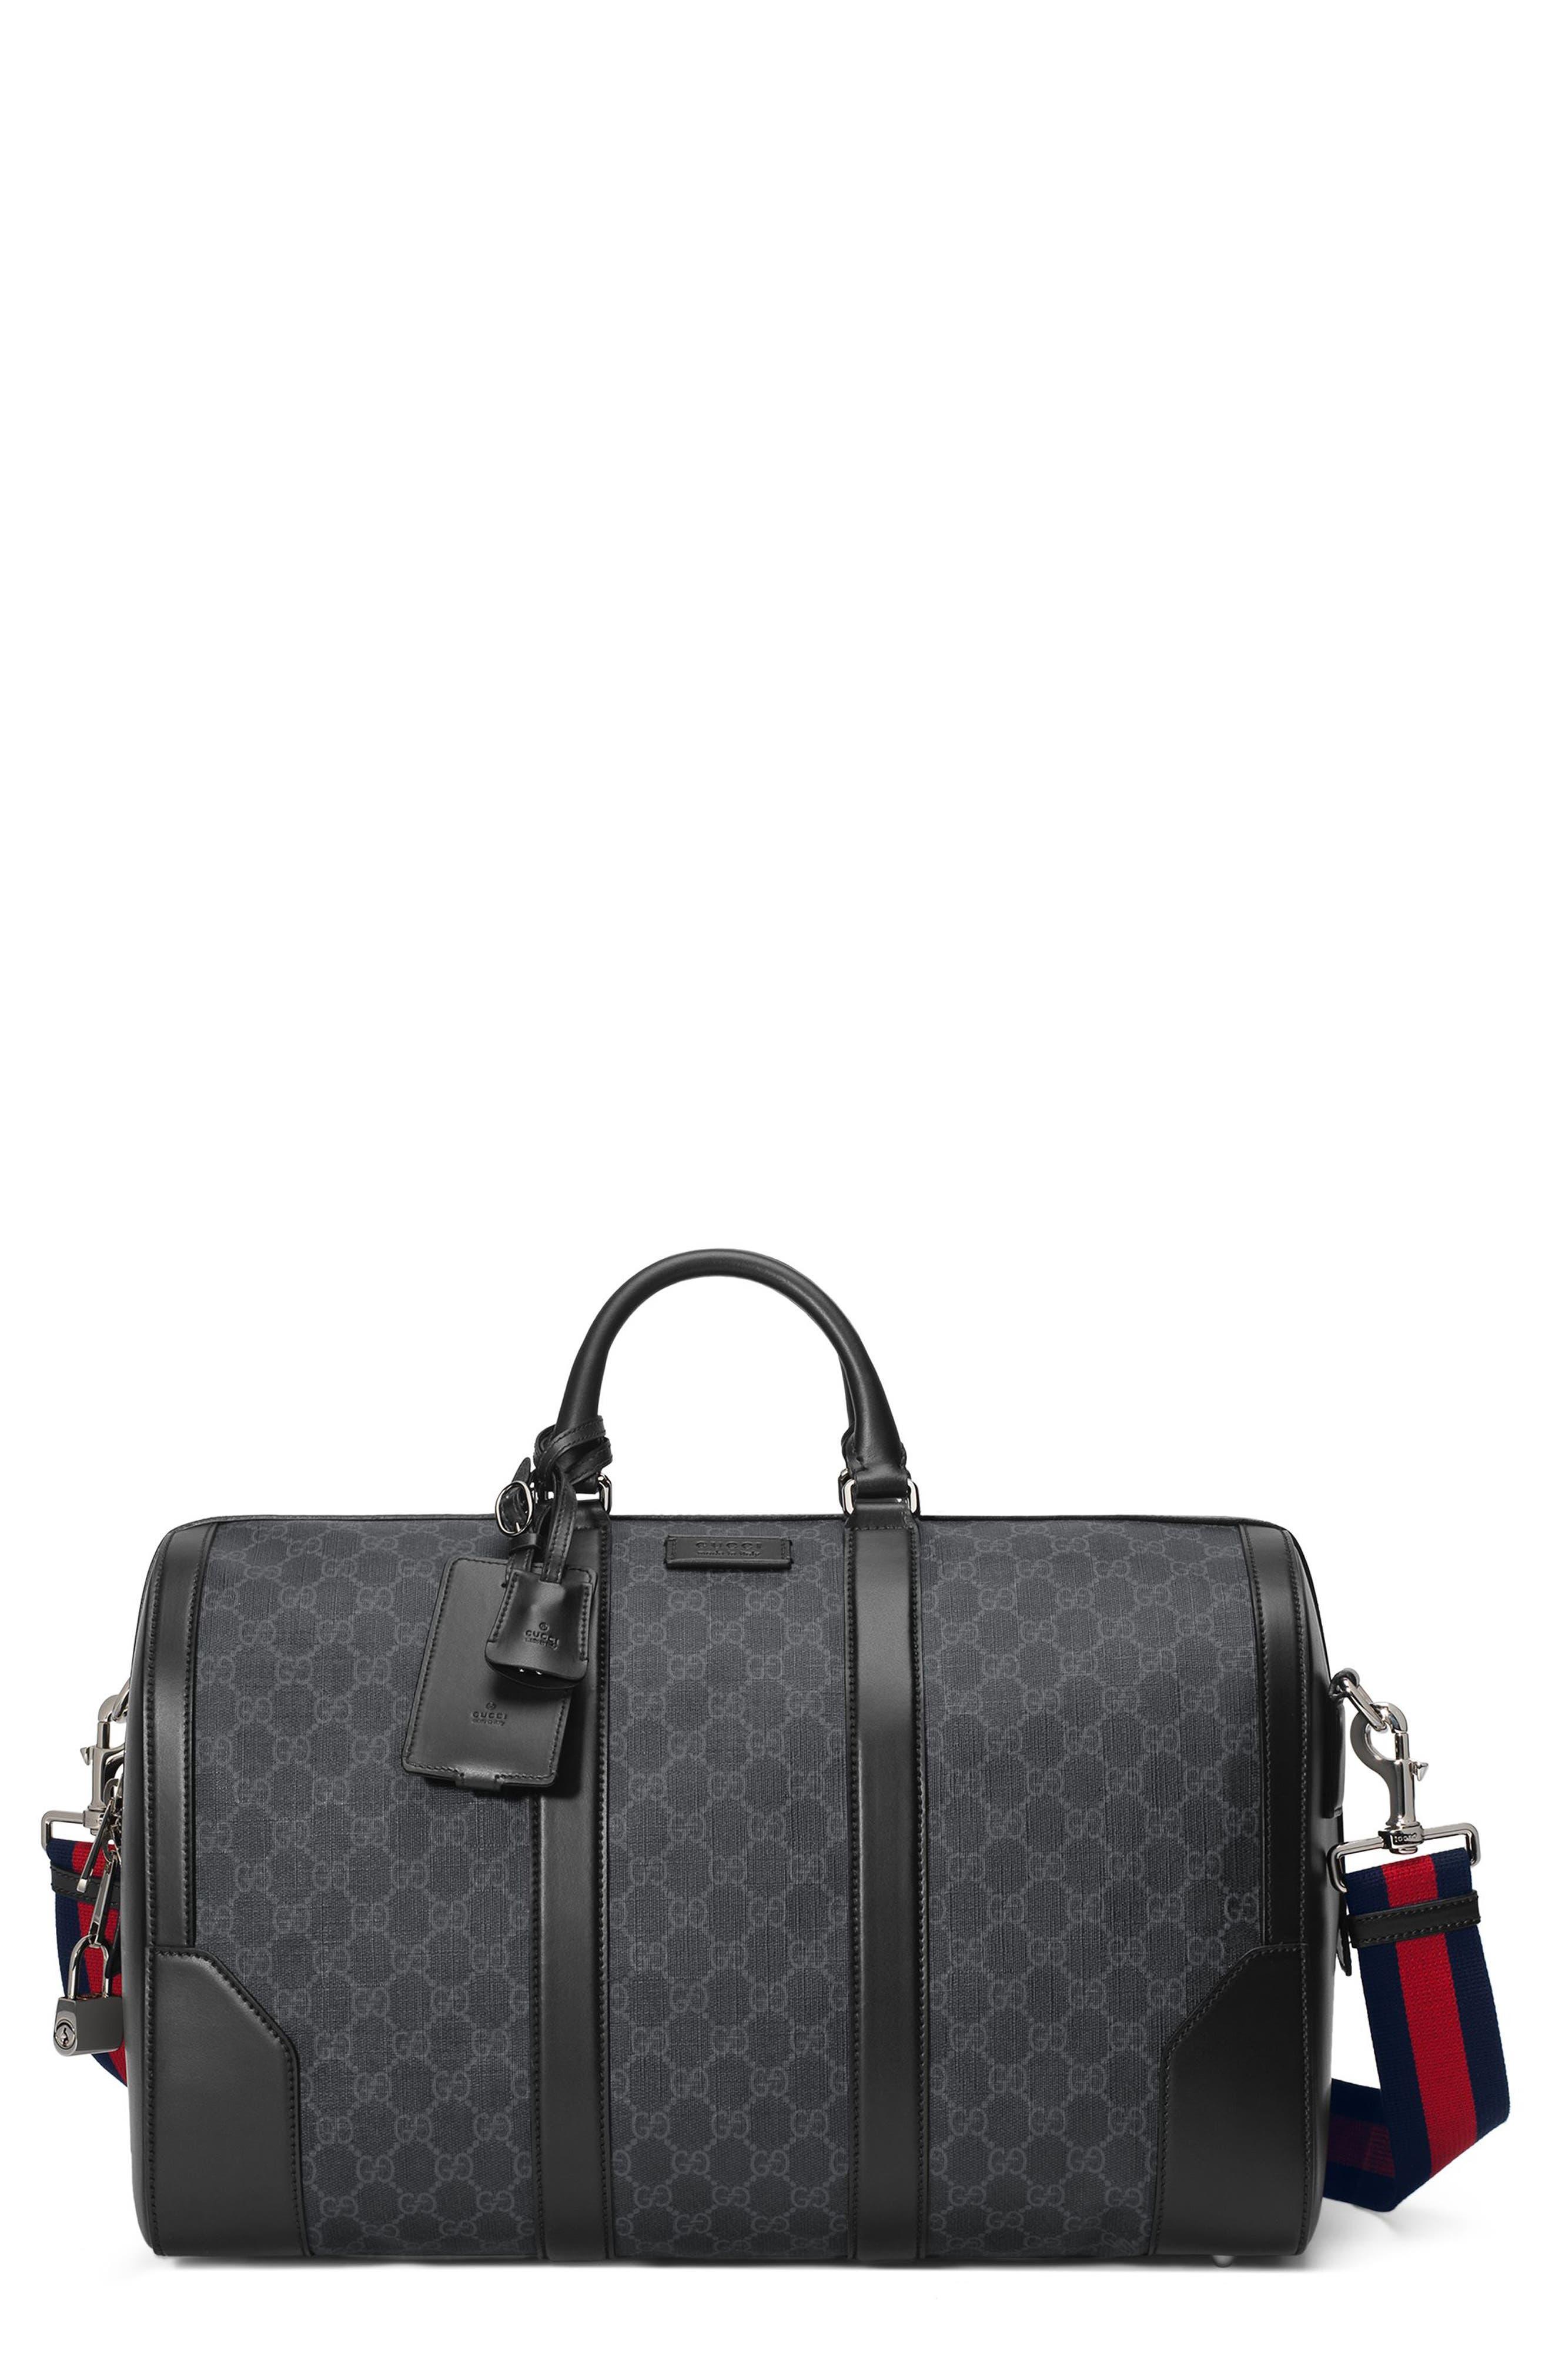 GG Supreme Duffel Bag,                         Main,                         color, Black